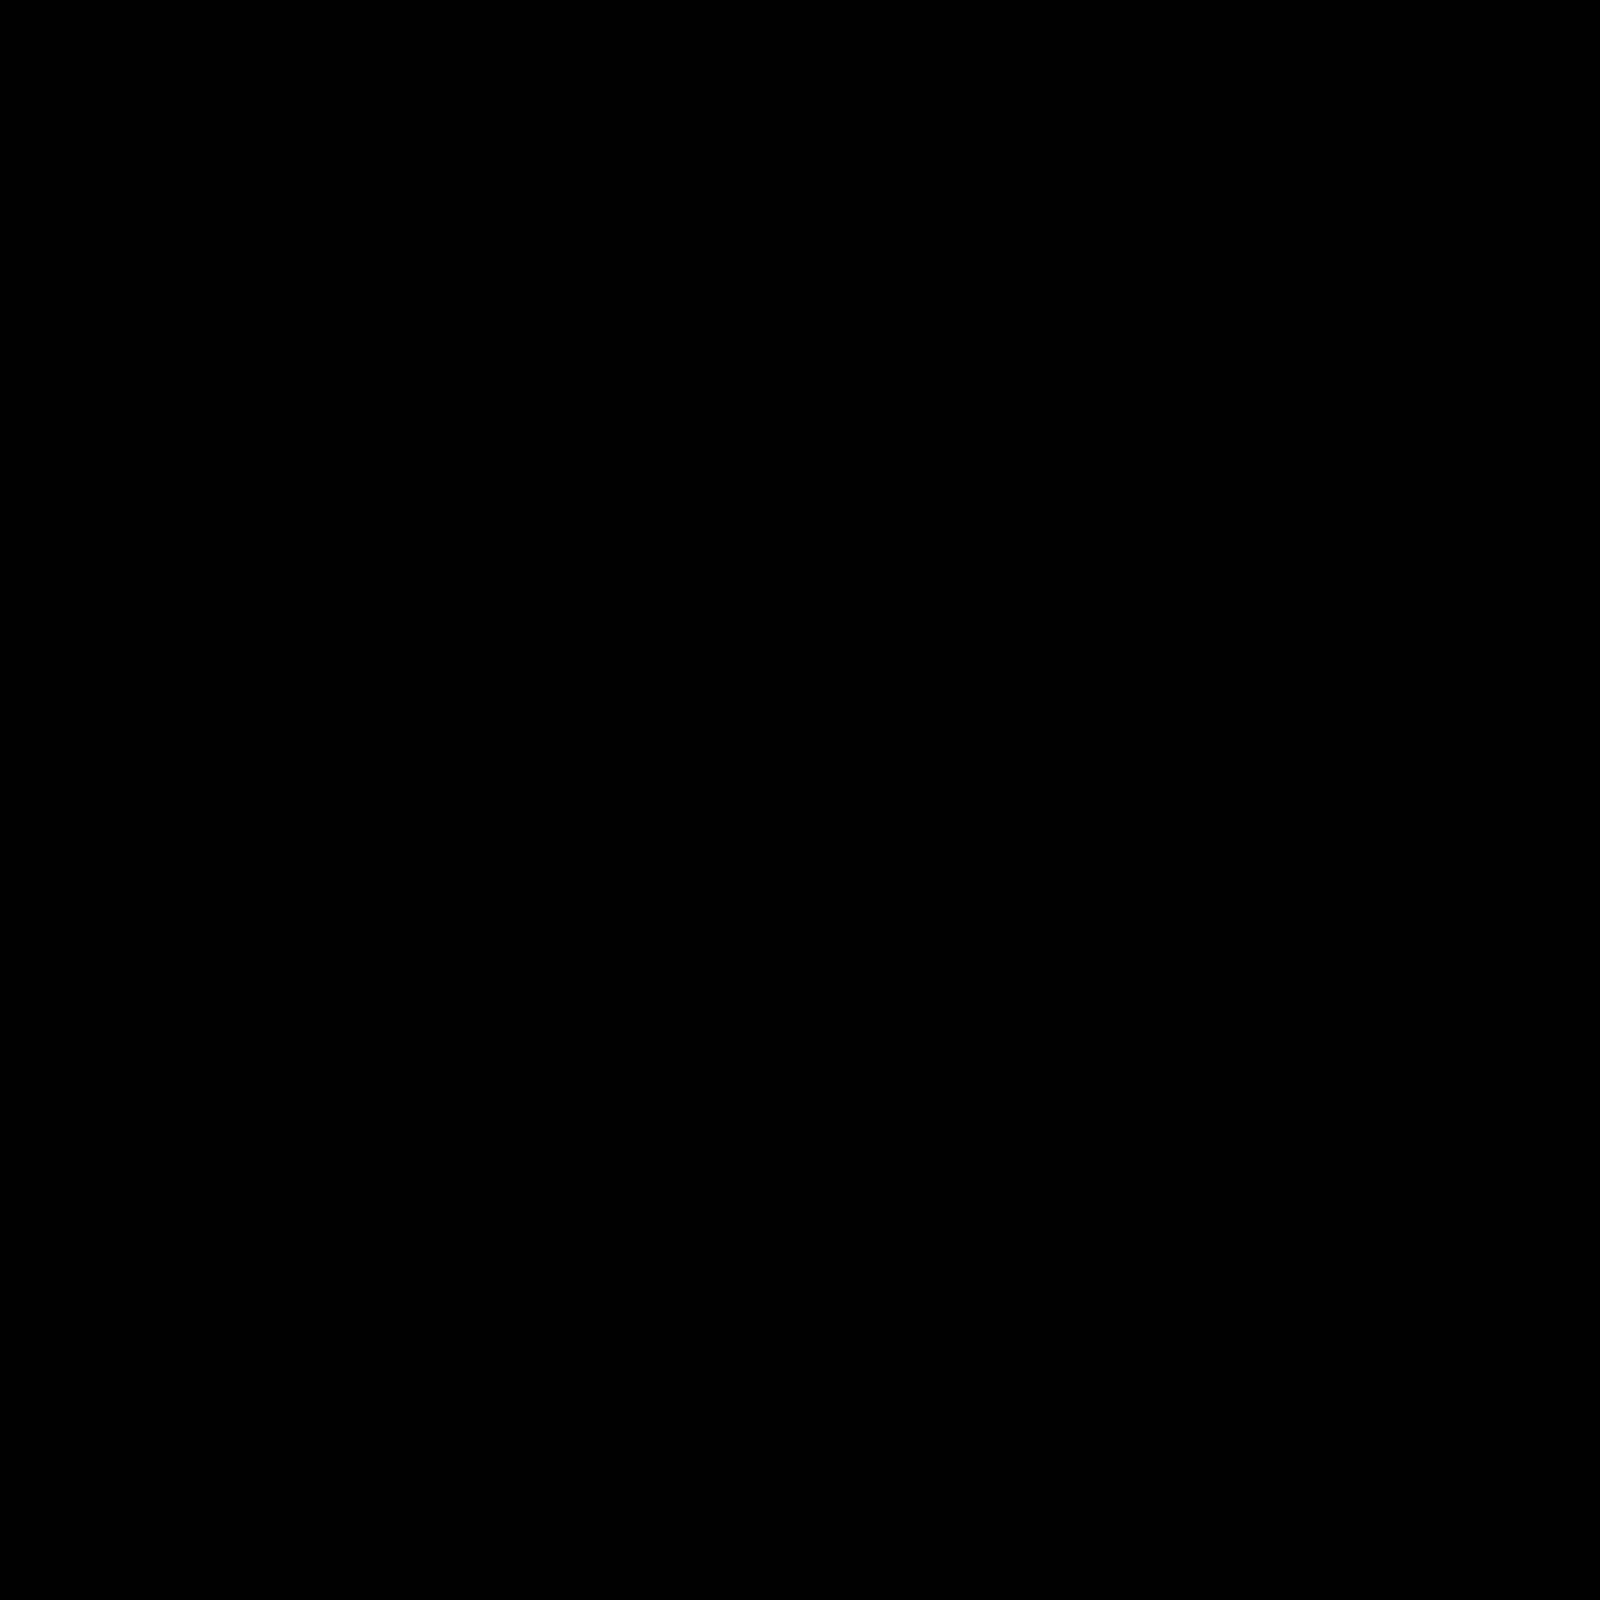 Katakana Ma icon